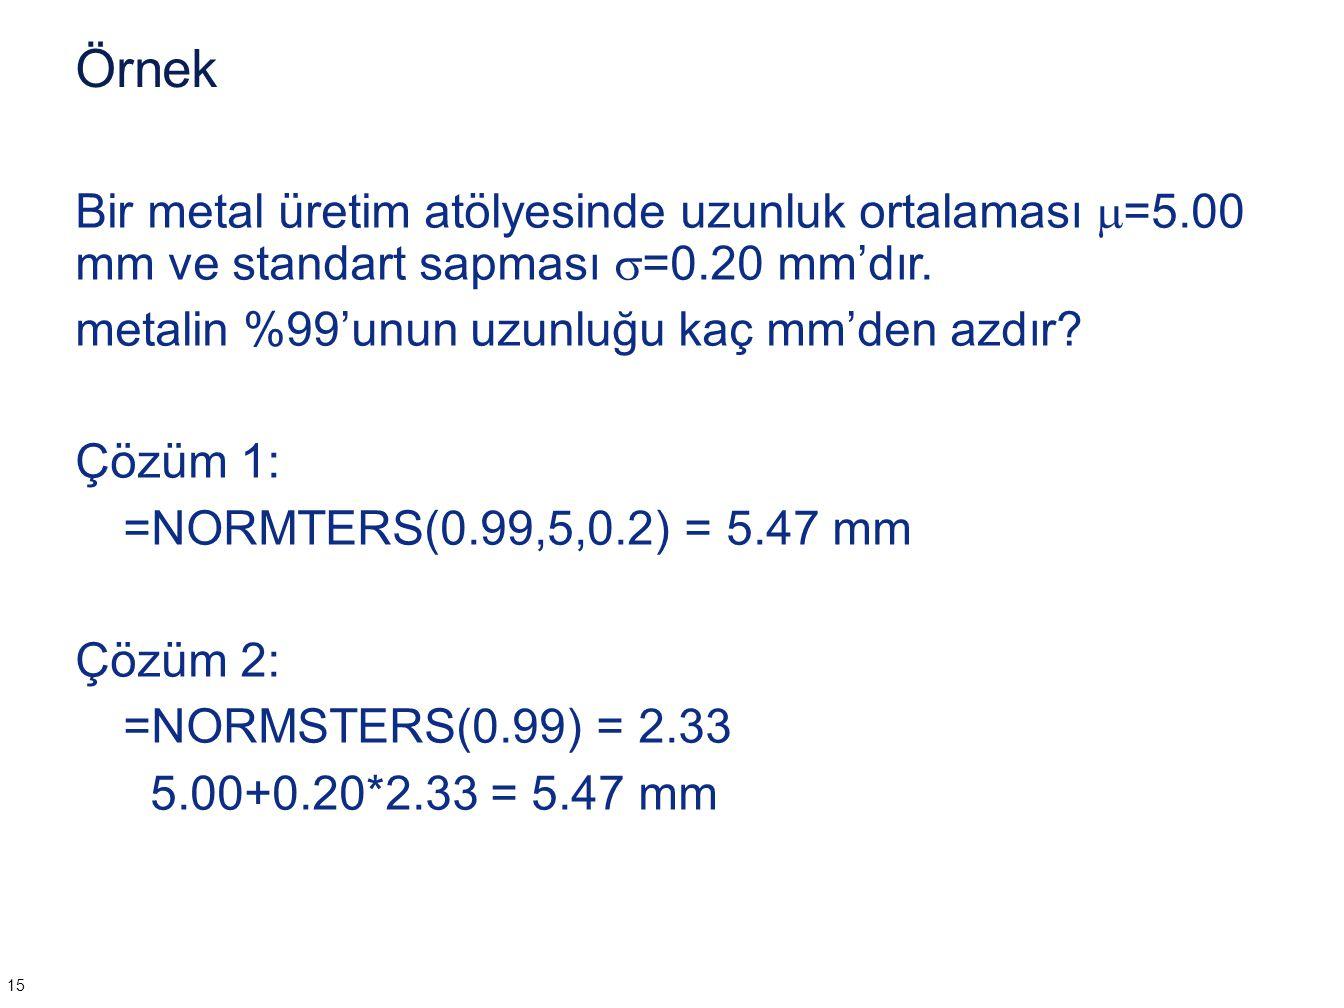 Örnek Bir metal üretim atölyesinde uzunluk ortalaması  =5.00 mm ve standart sapması  =0.20 mm'dır. metalin %99'unun uzunluğu kaç mm'den azdır? Çözüm